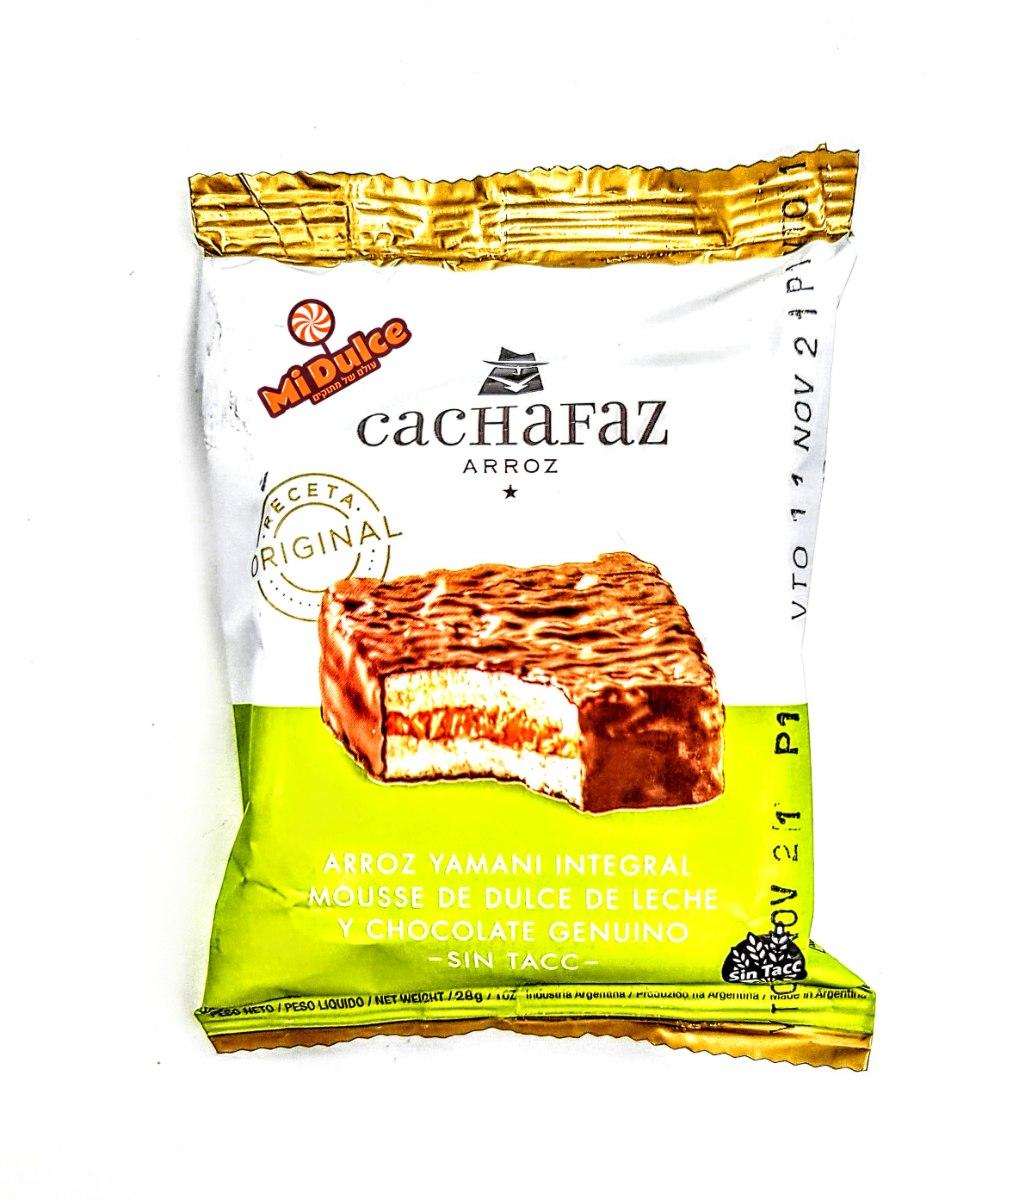 אלפחורס ארגנטינאי Cachafaz Arroz